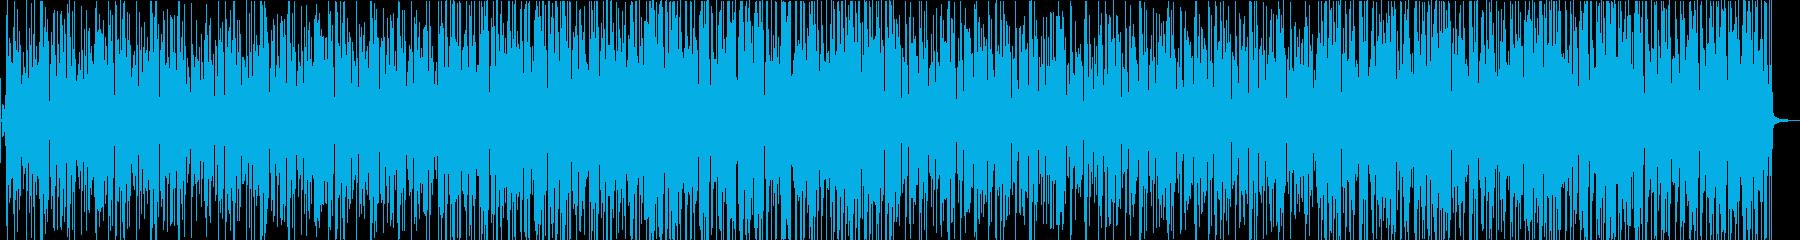 可愛いオシャレなポップスの再生済みの波形